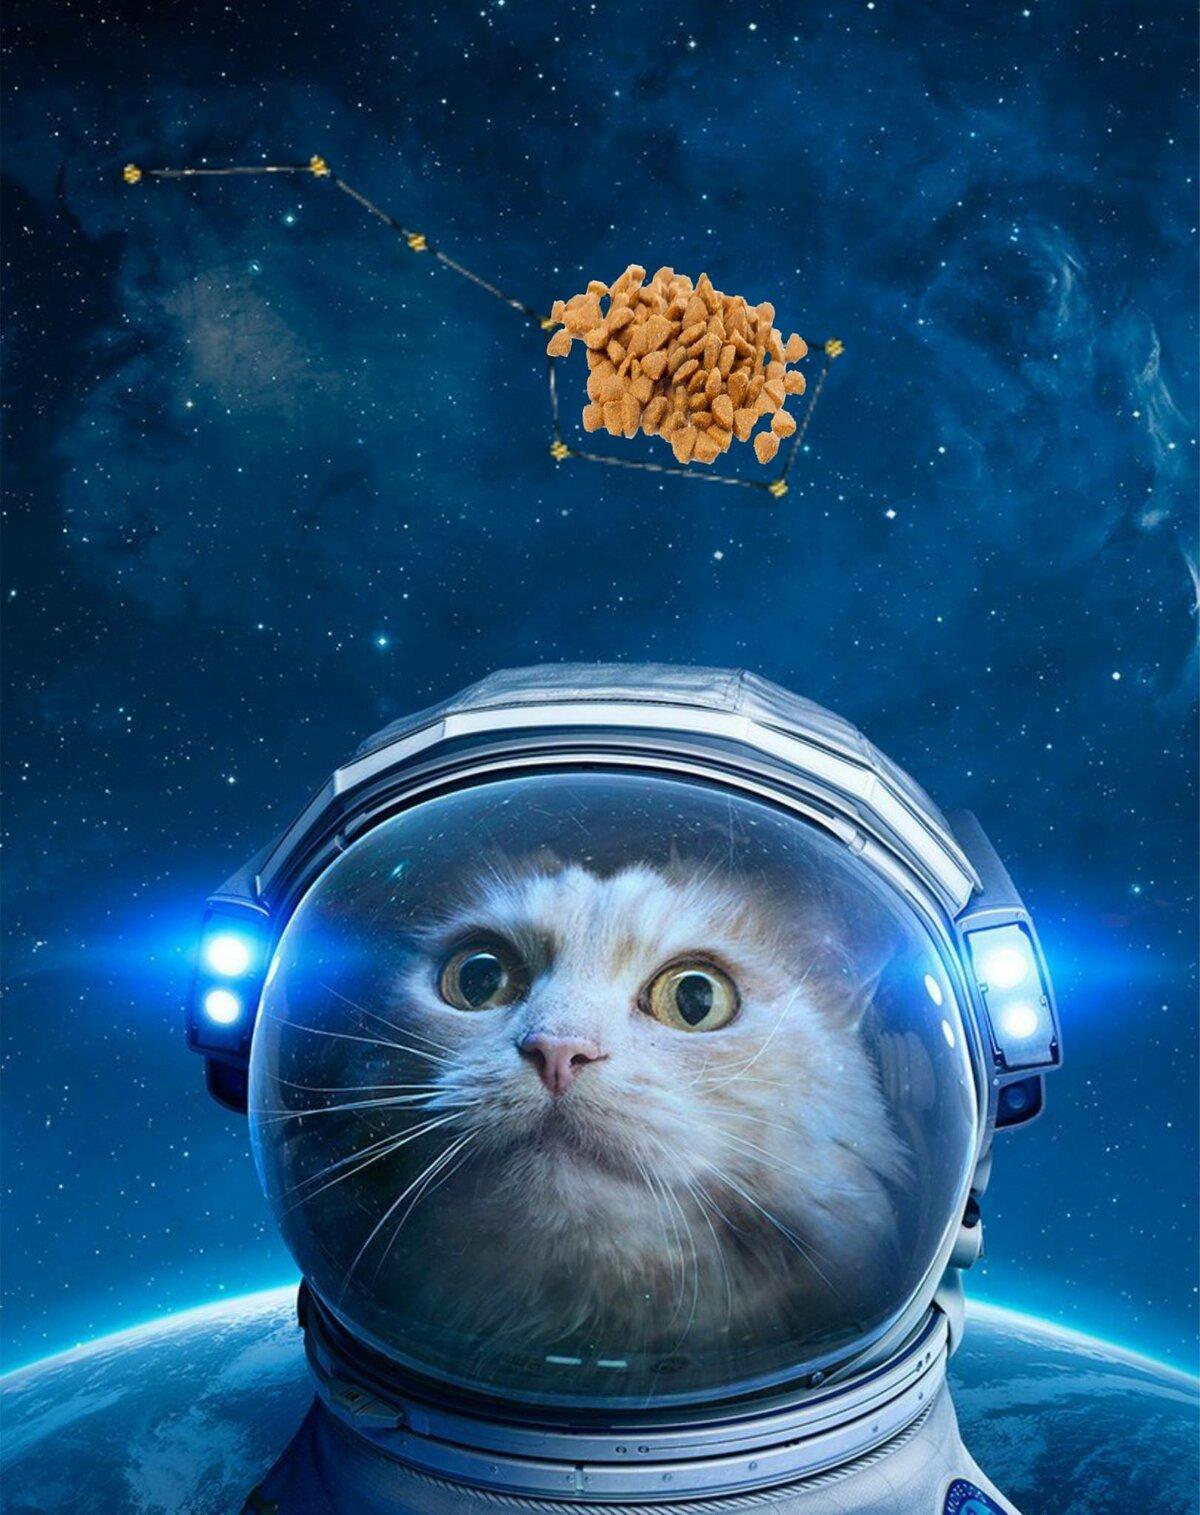 Фото с днем космонавтики прикольные картинки, пожеланиями